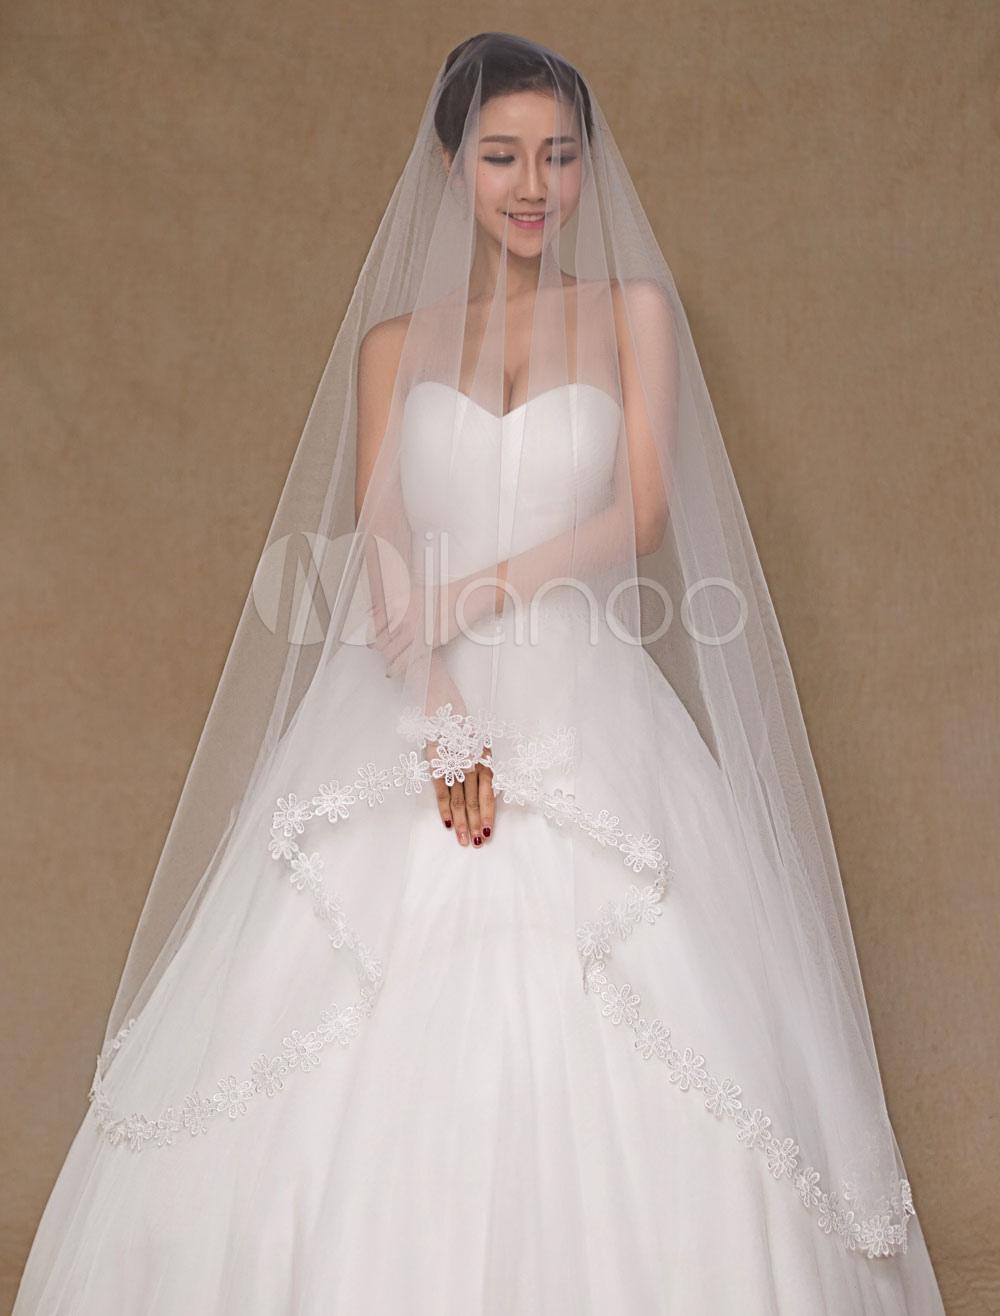 One-Tier Applique Edge Wedding Veil Tulle Lace Bridal Veil(300cm Length)